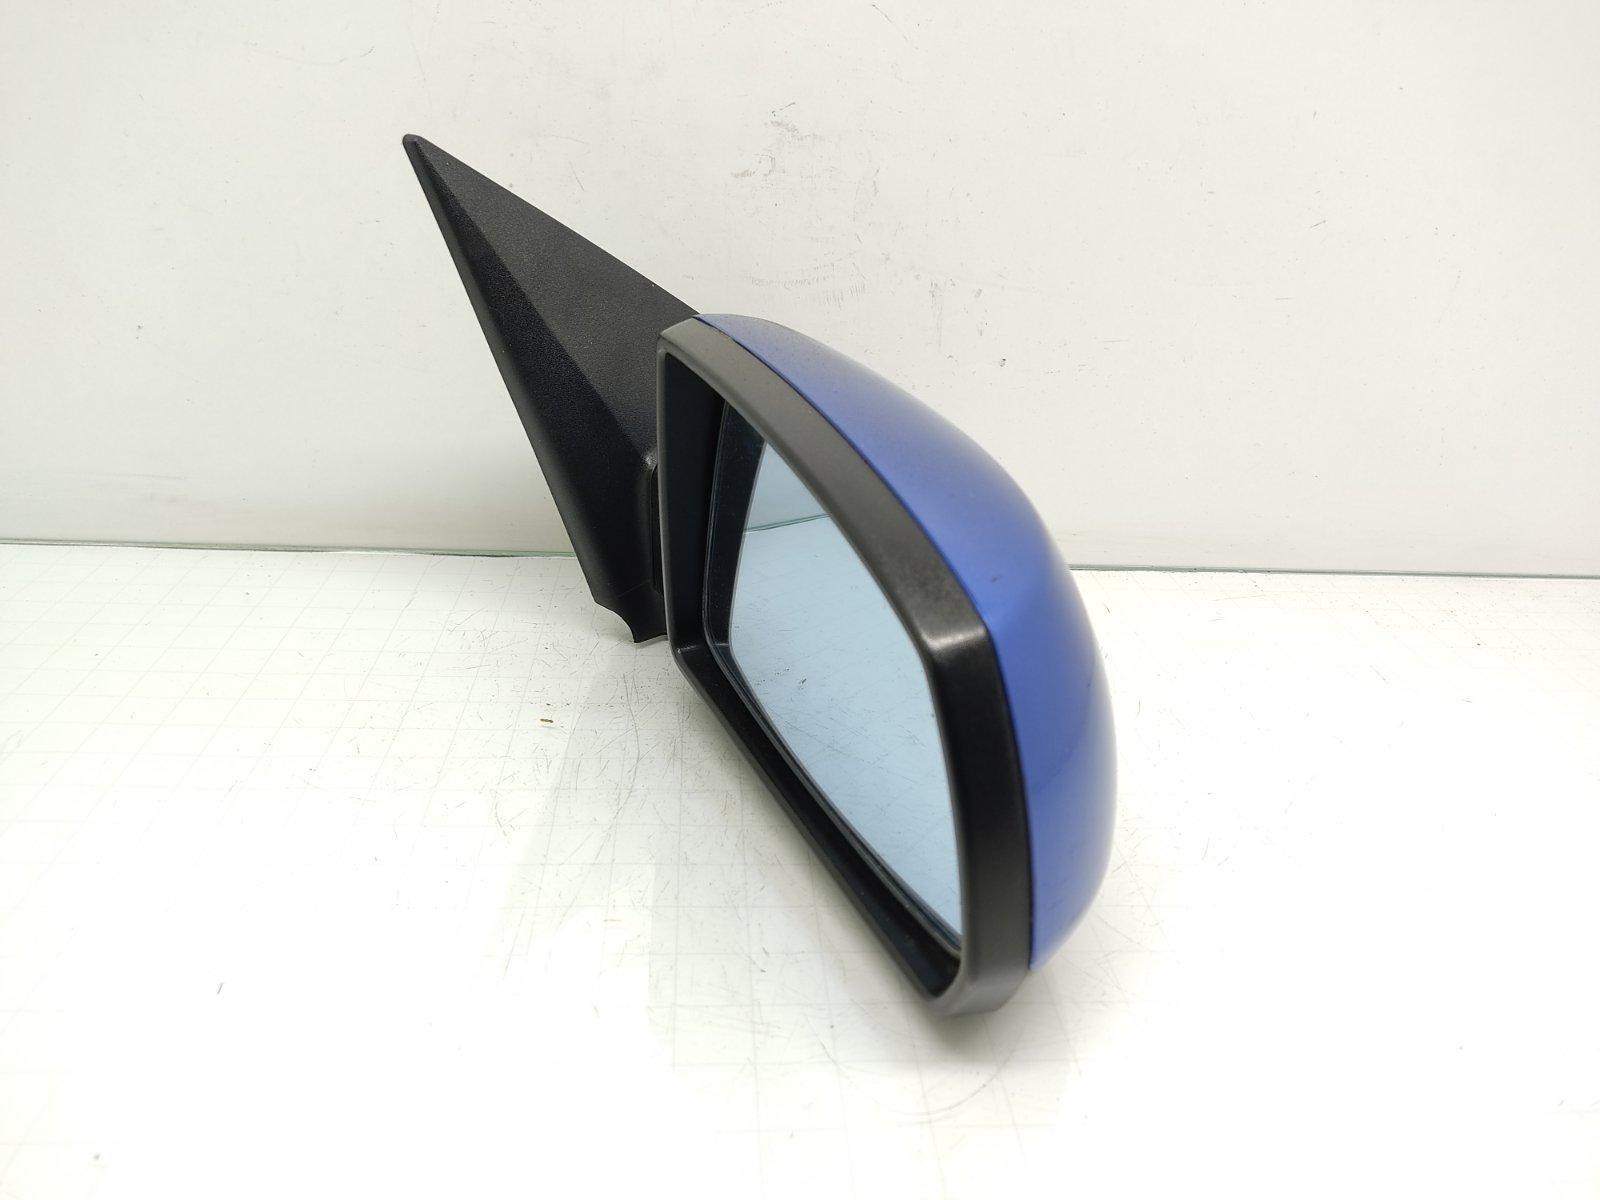 Зеркало наружное правое Kia Rio 1.5 CRDI 2008 (б/у)